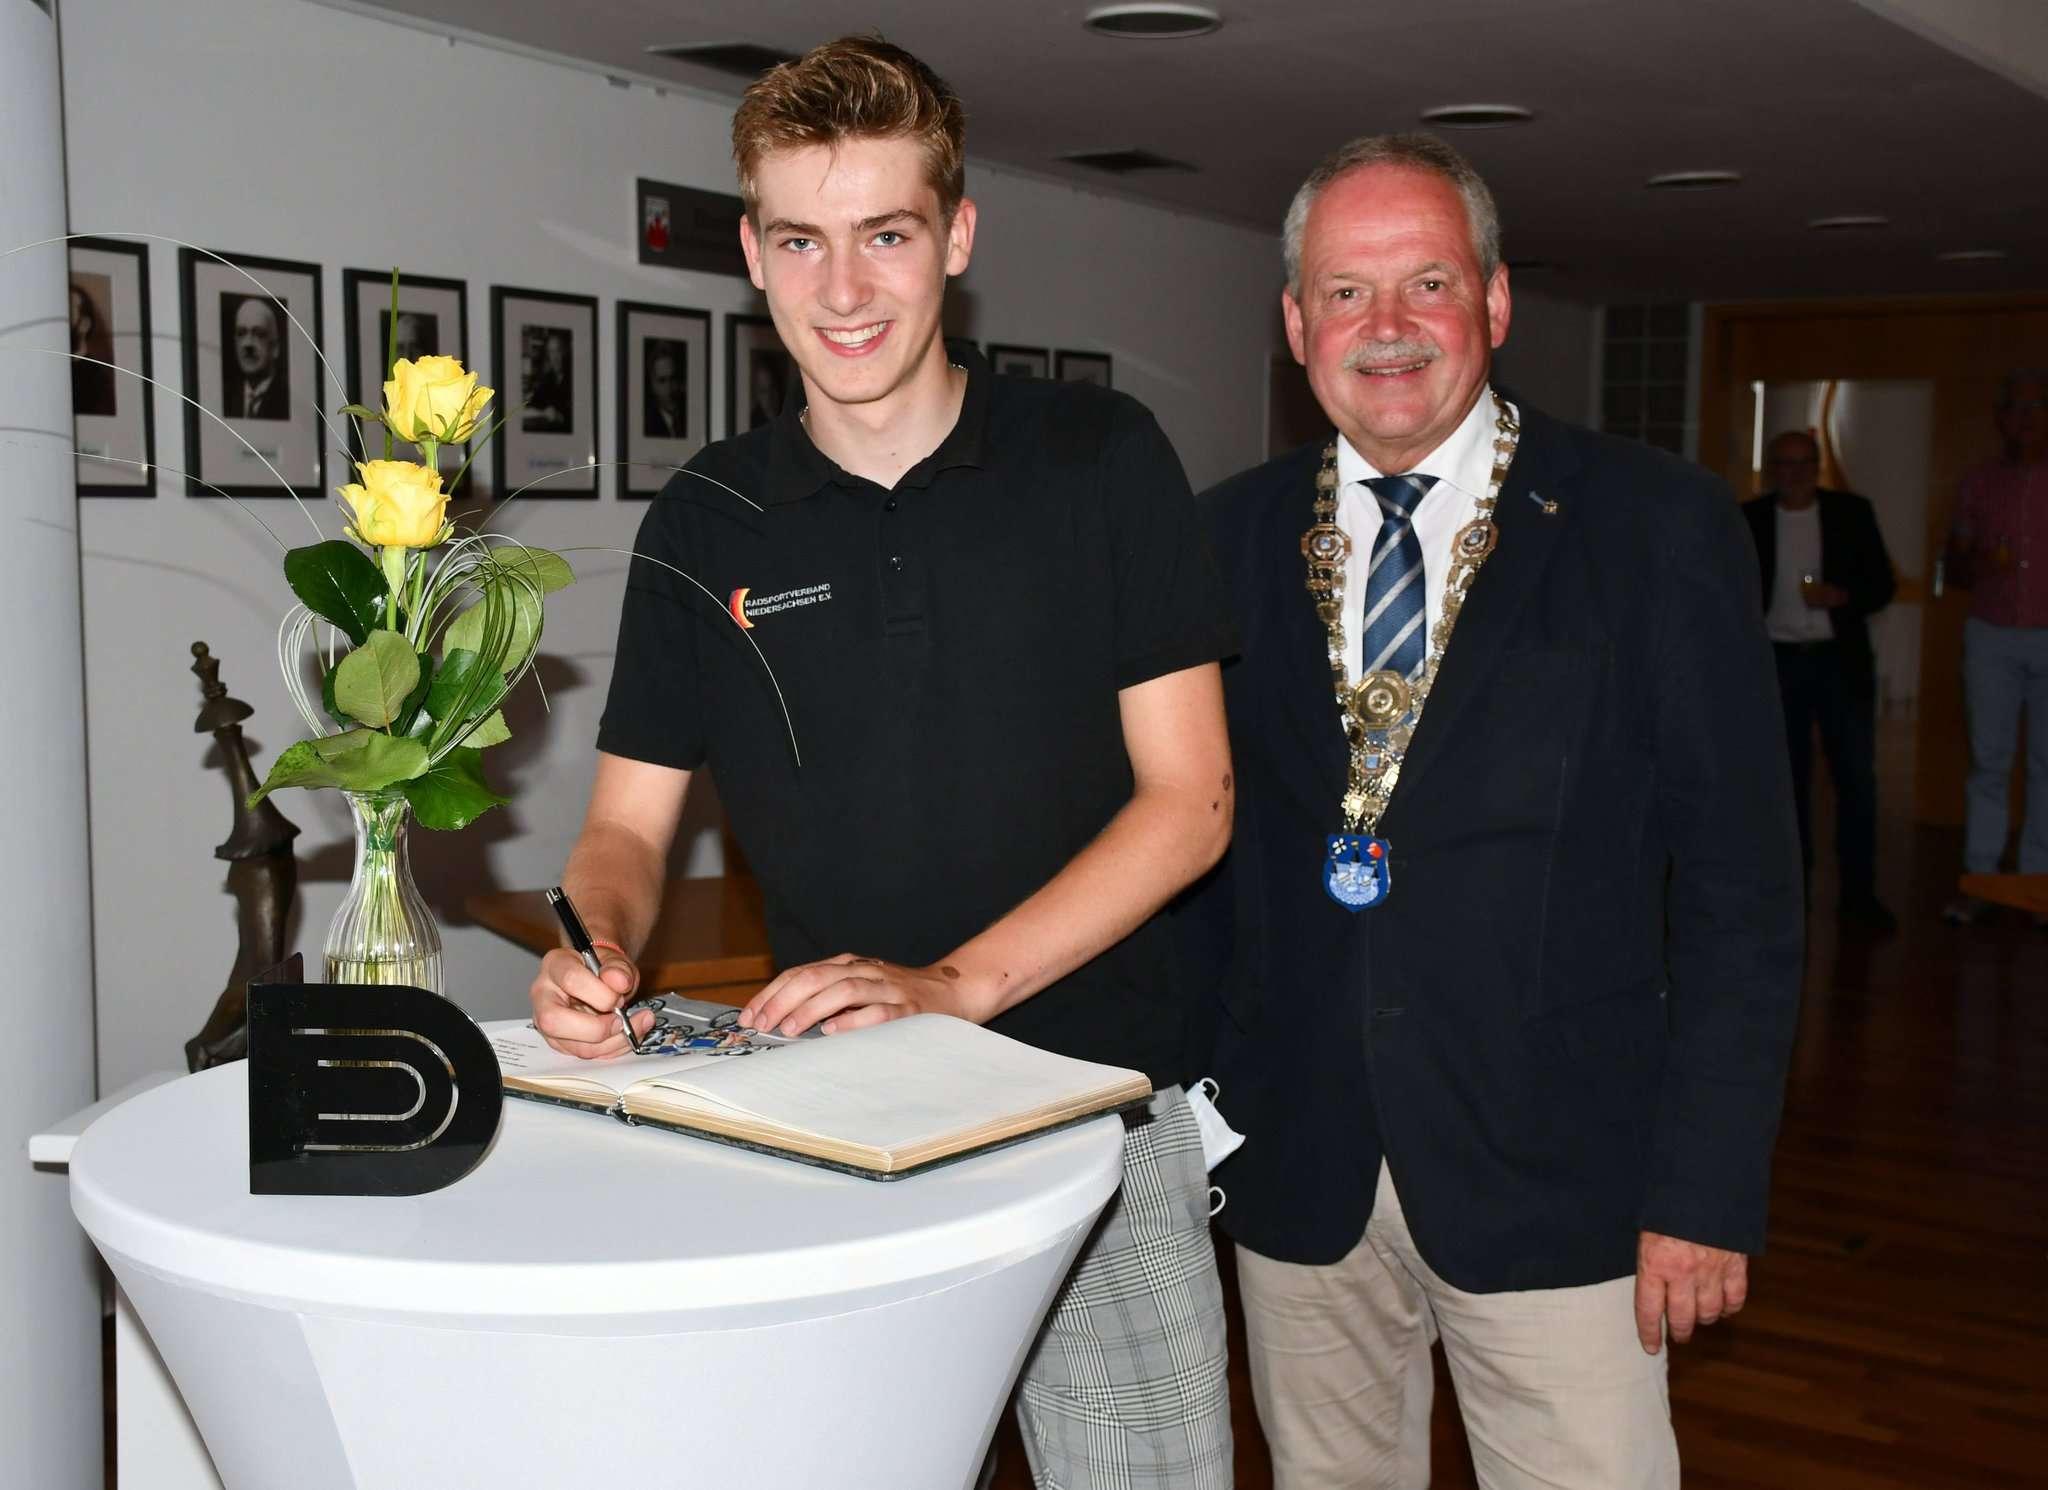 Als einer der jüngsten Sportler verewigte sich Jasper Schröder (links) im Ratssaal im Gästebuch der Stadt Rotenburg. Andreas Weber trug zu diesem Anlass sogar seine Bürgermeisterkette.